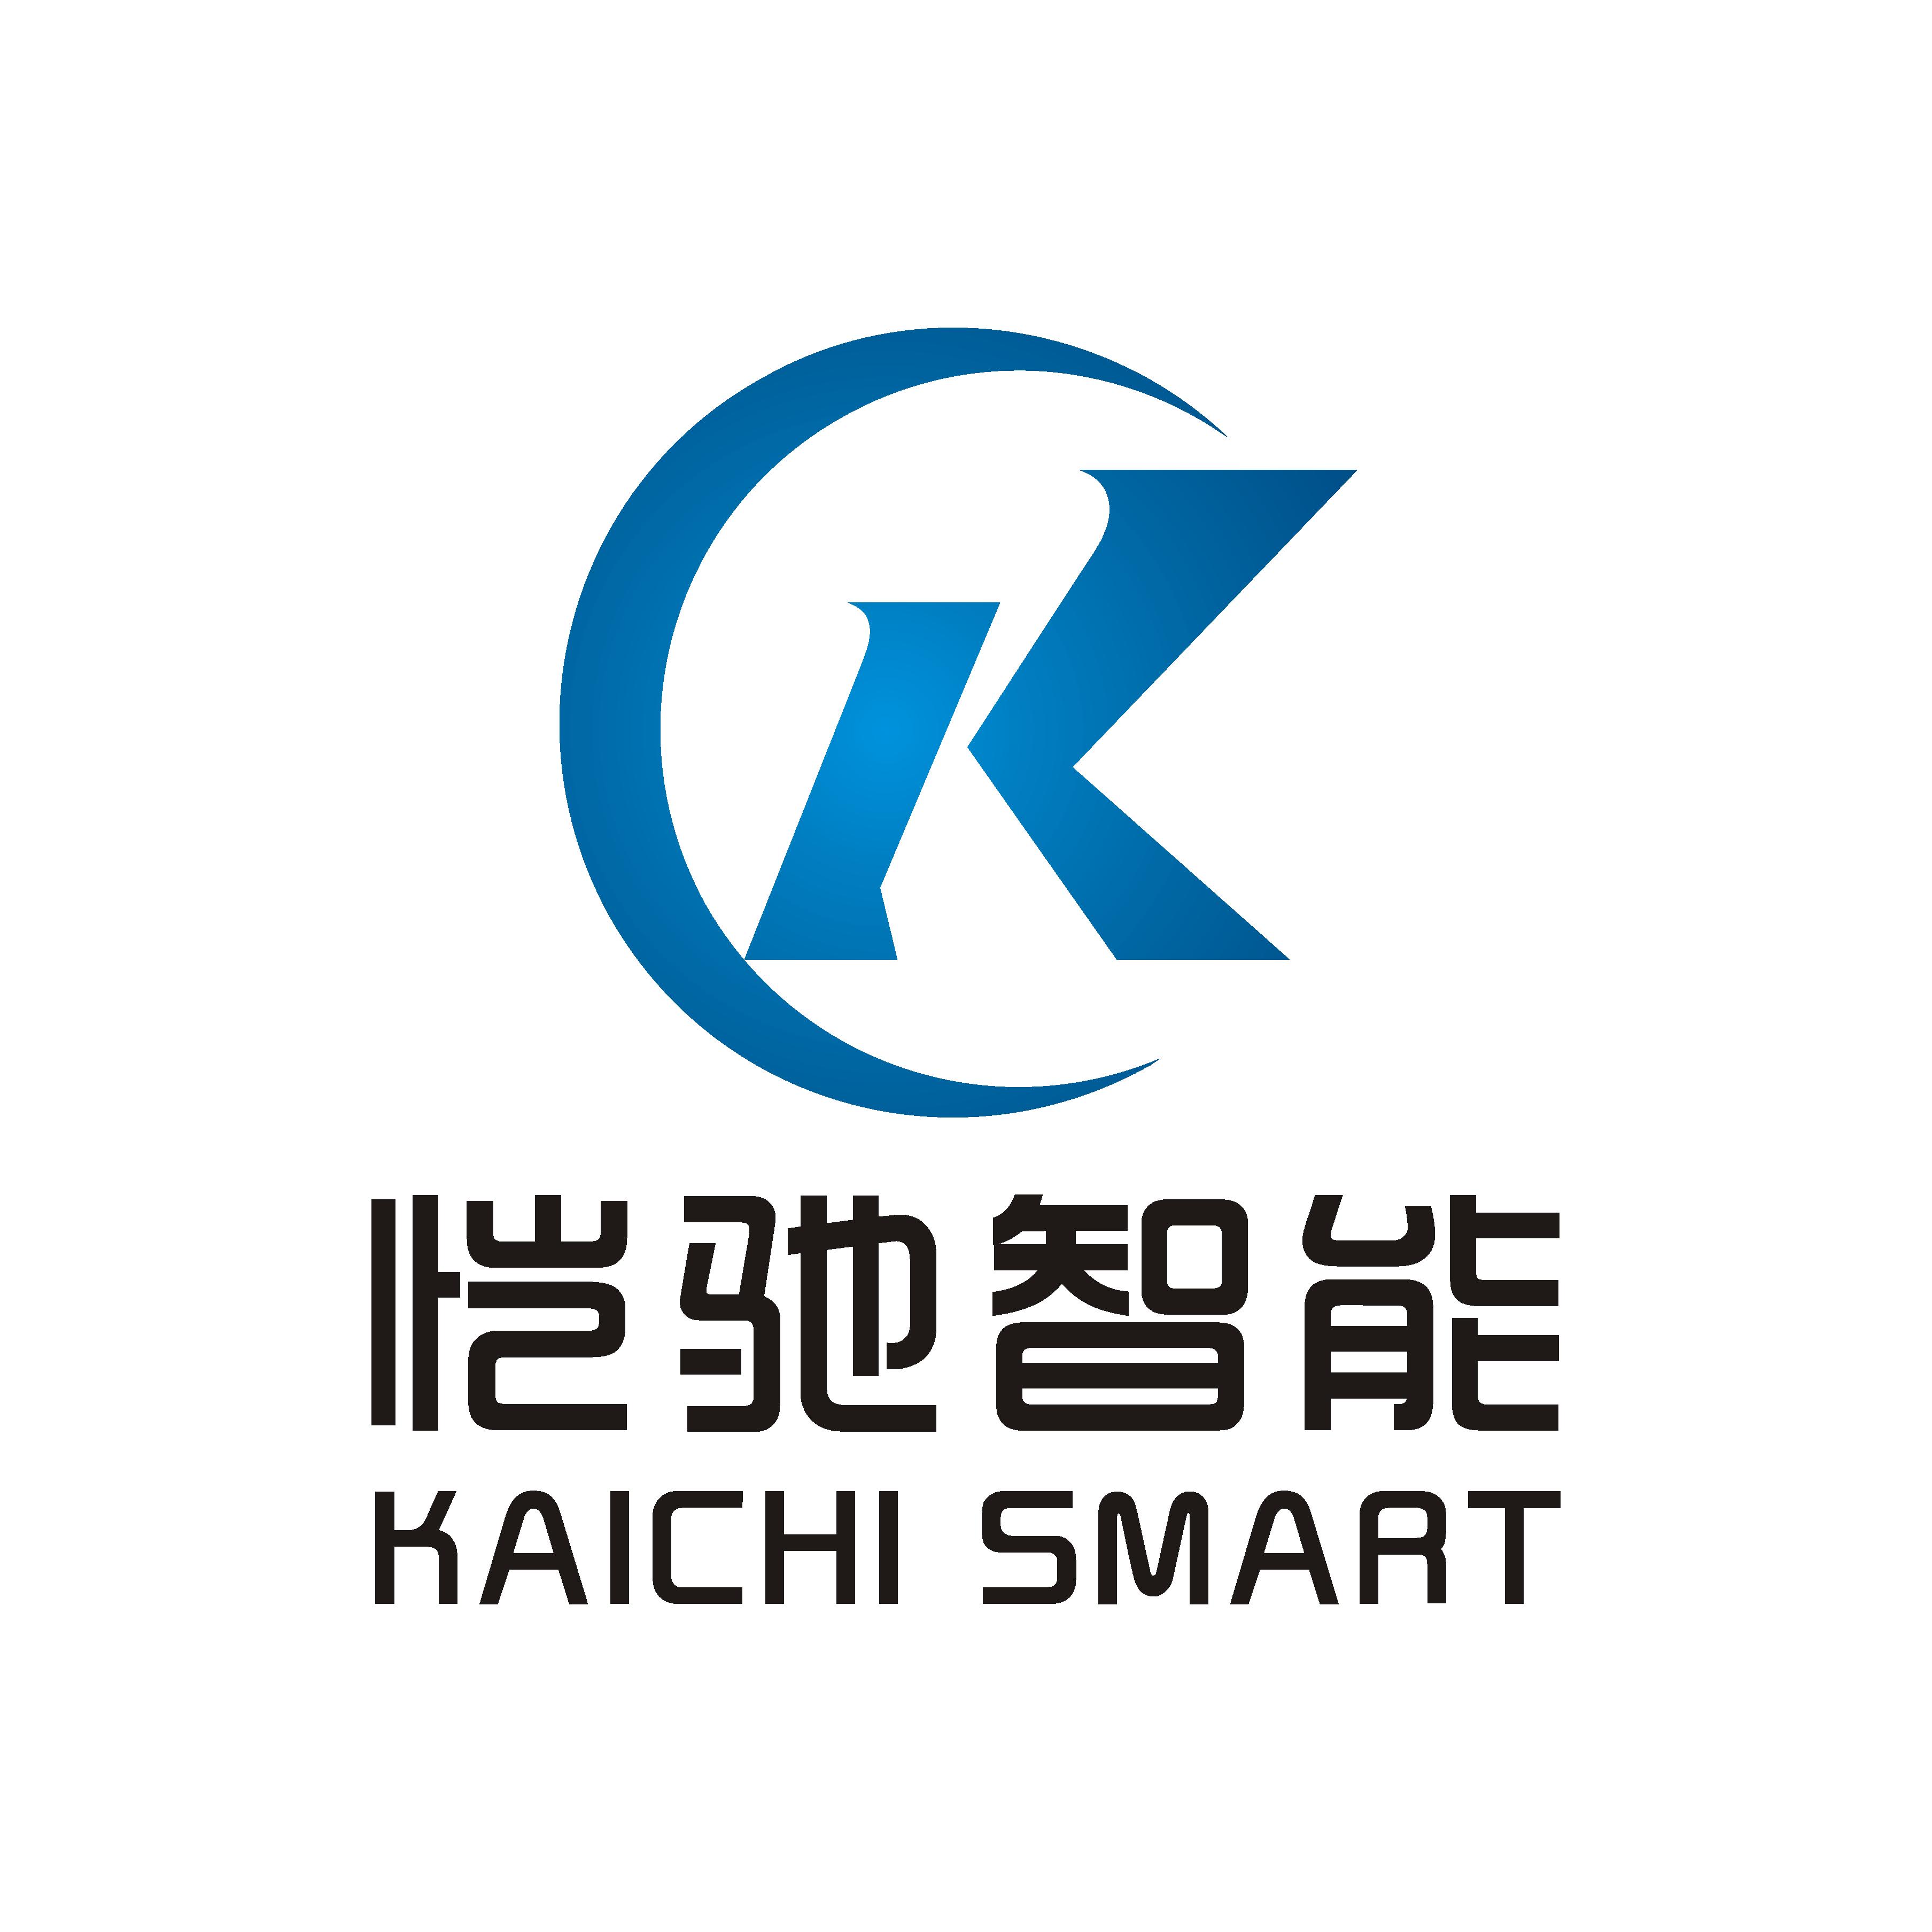 上海恺驰智能信息系统有限公司;